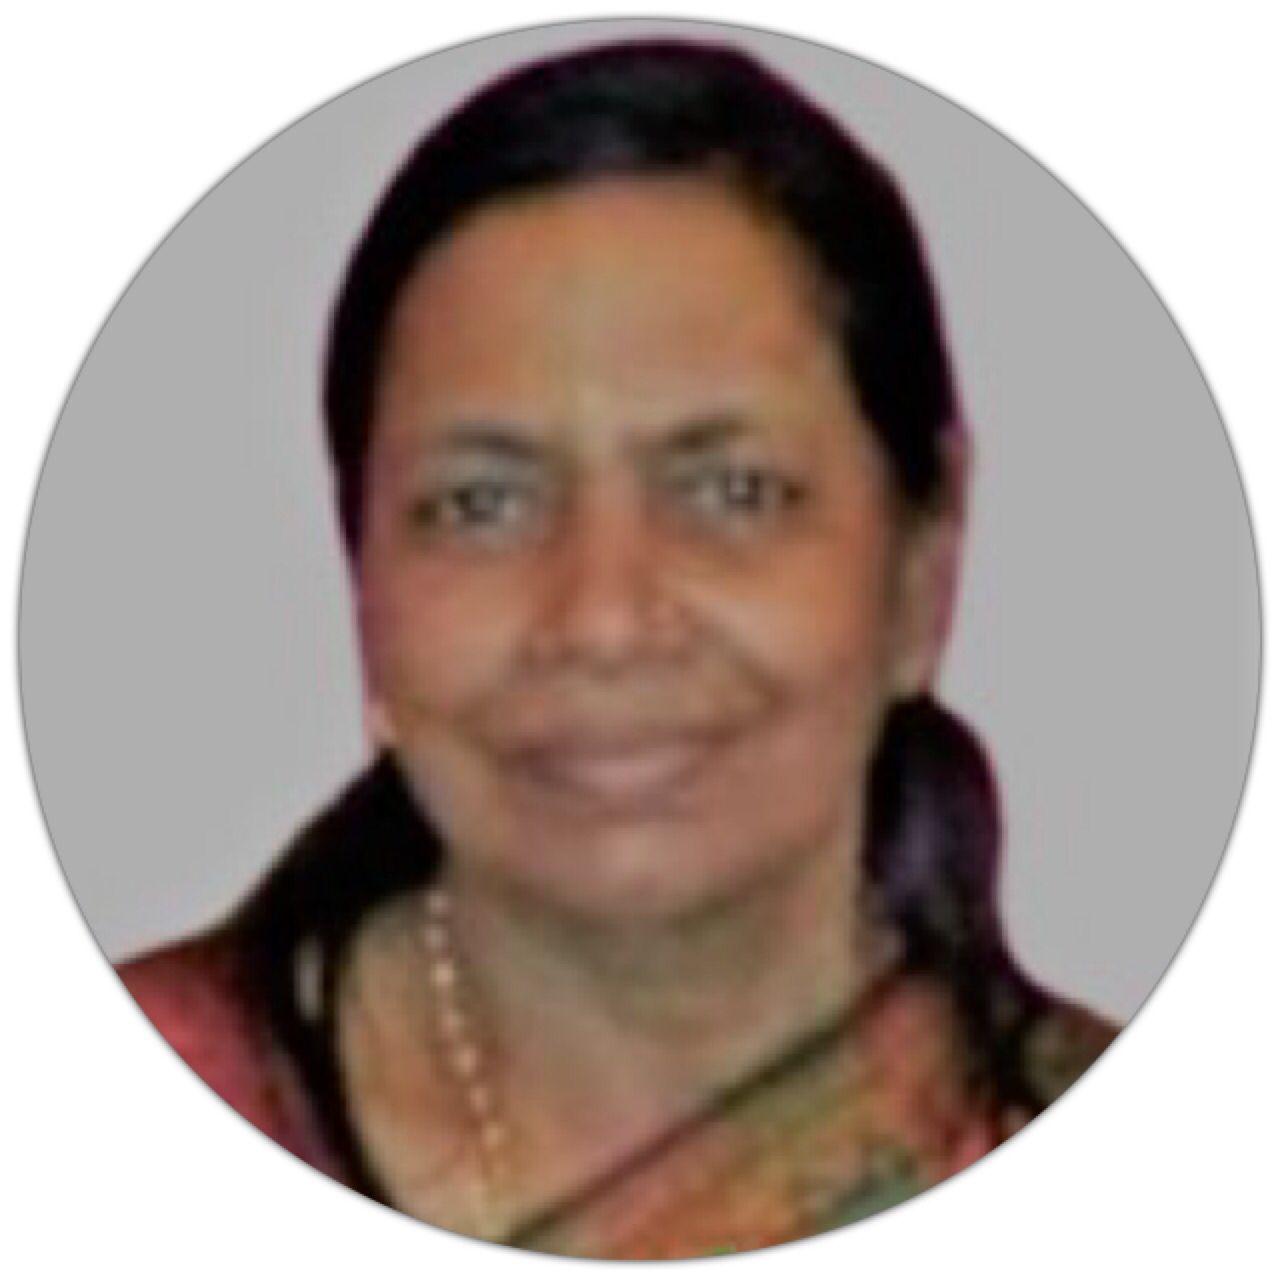 திருமதி.கருணாகரன் பரமேஸ்வரி